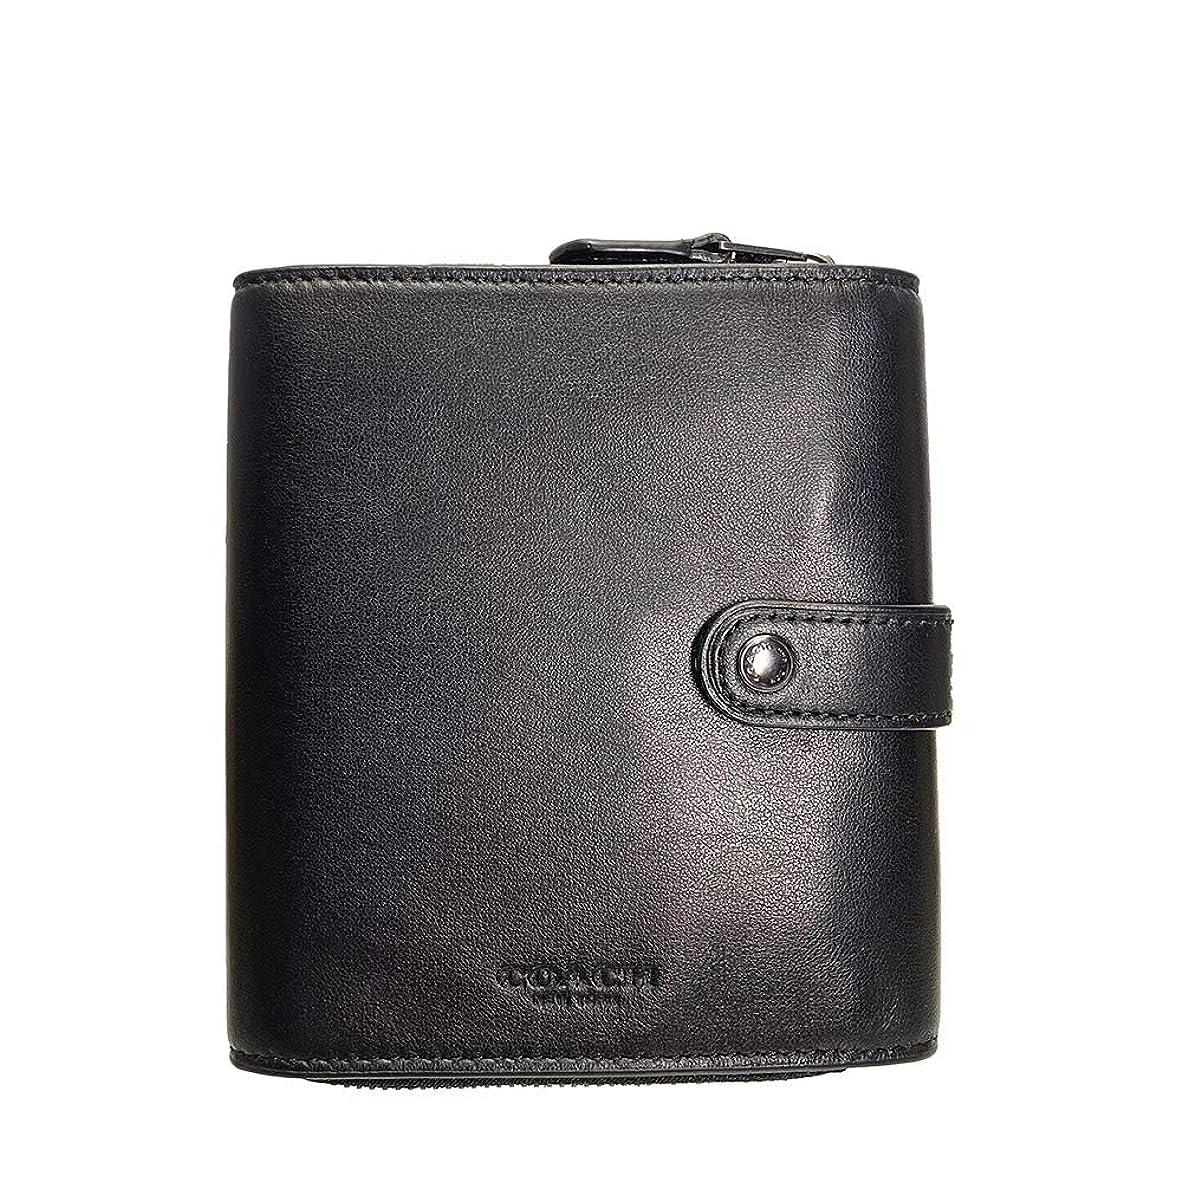 変形ながら救出コーチ 財布 メンズ レディース COACH 折り財布 レザー オーガナイザー ウォレット F34868 QB/BK ブラック